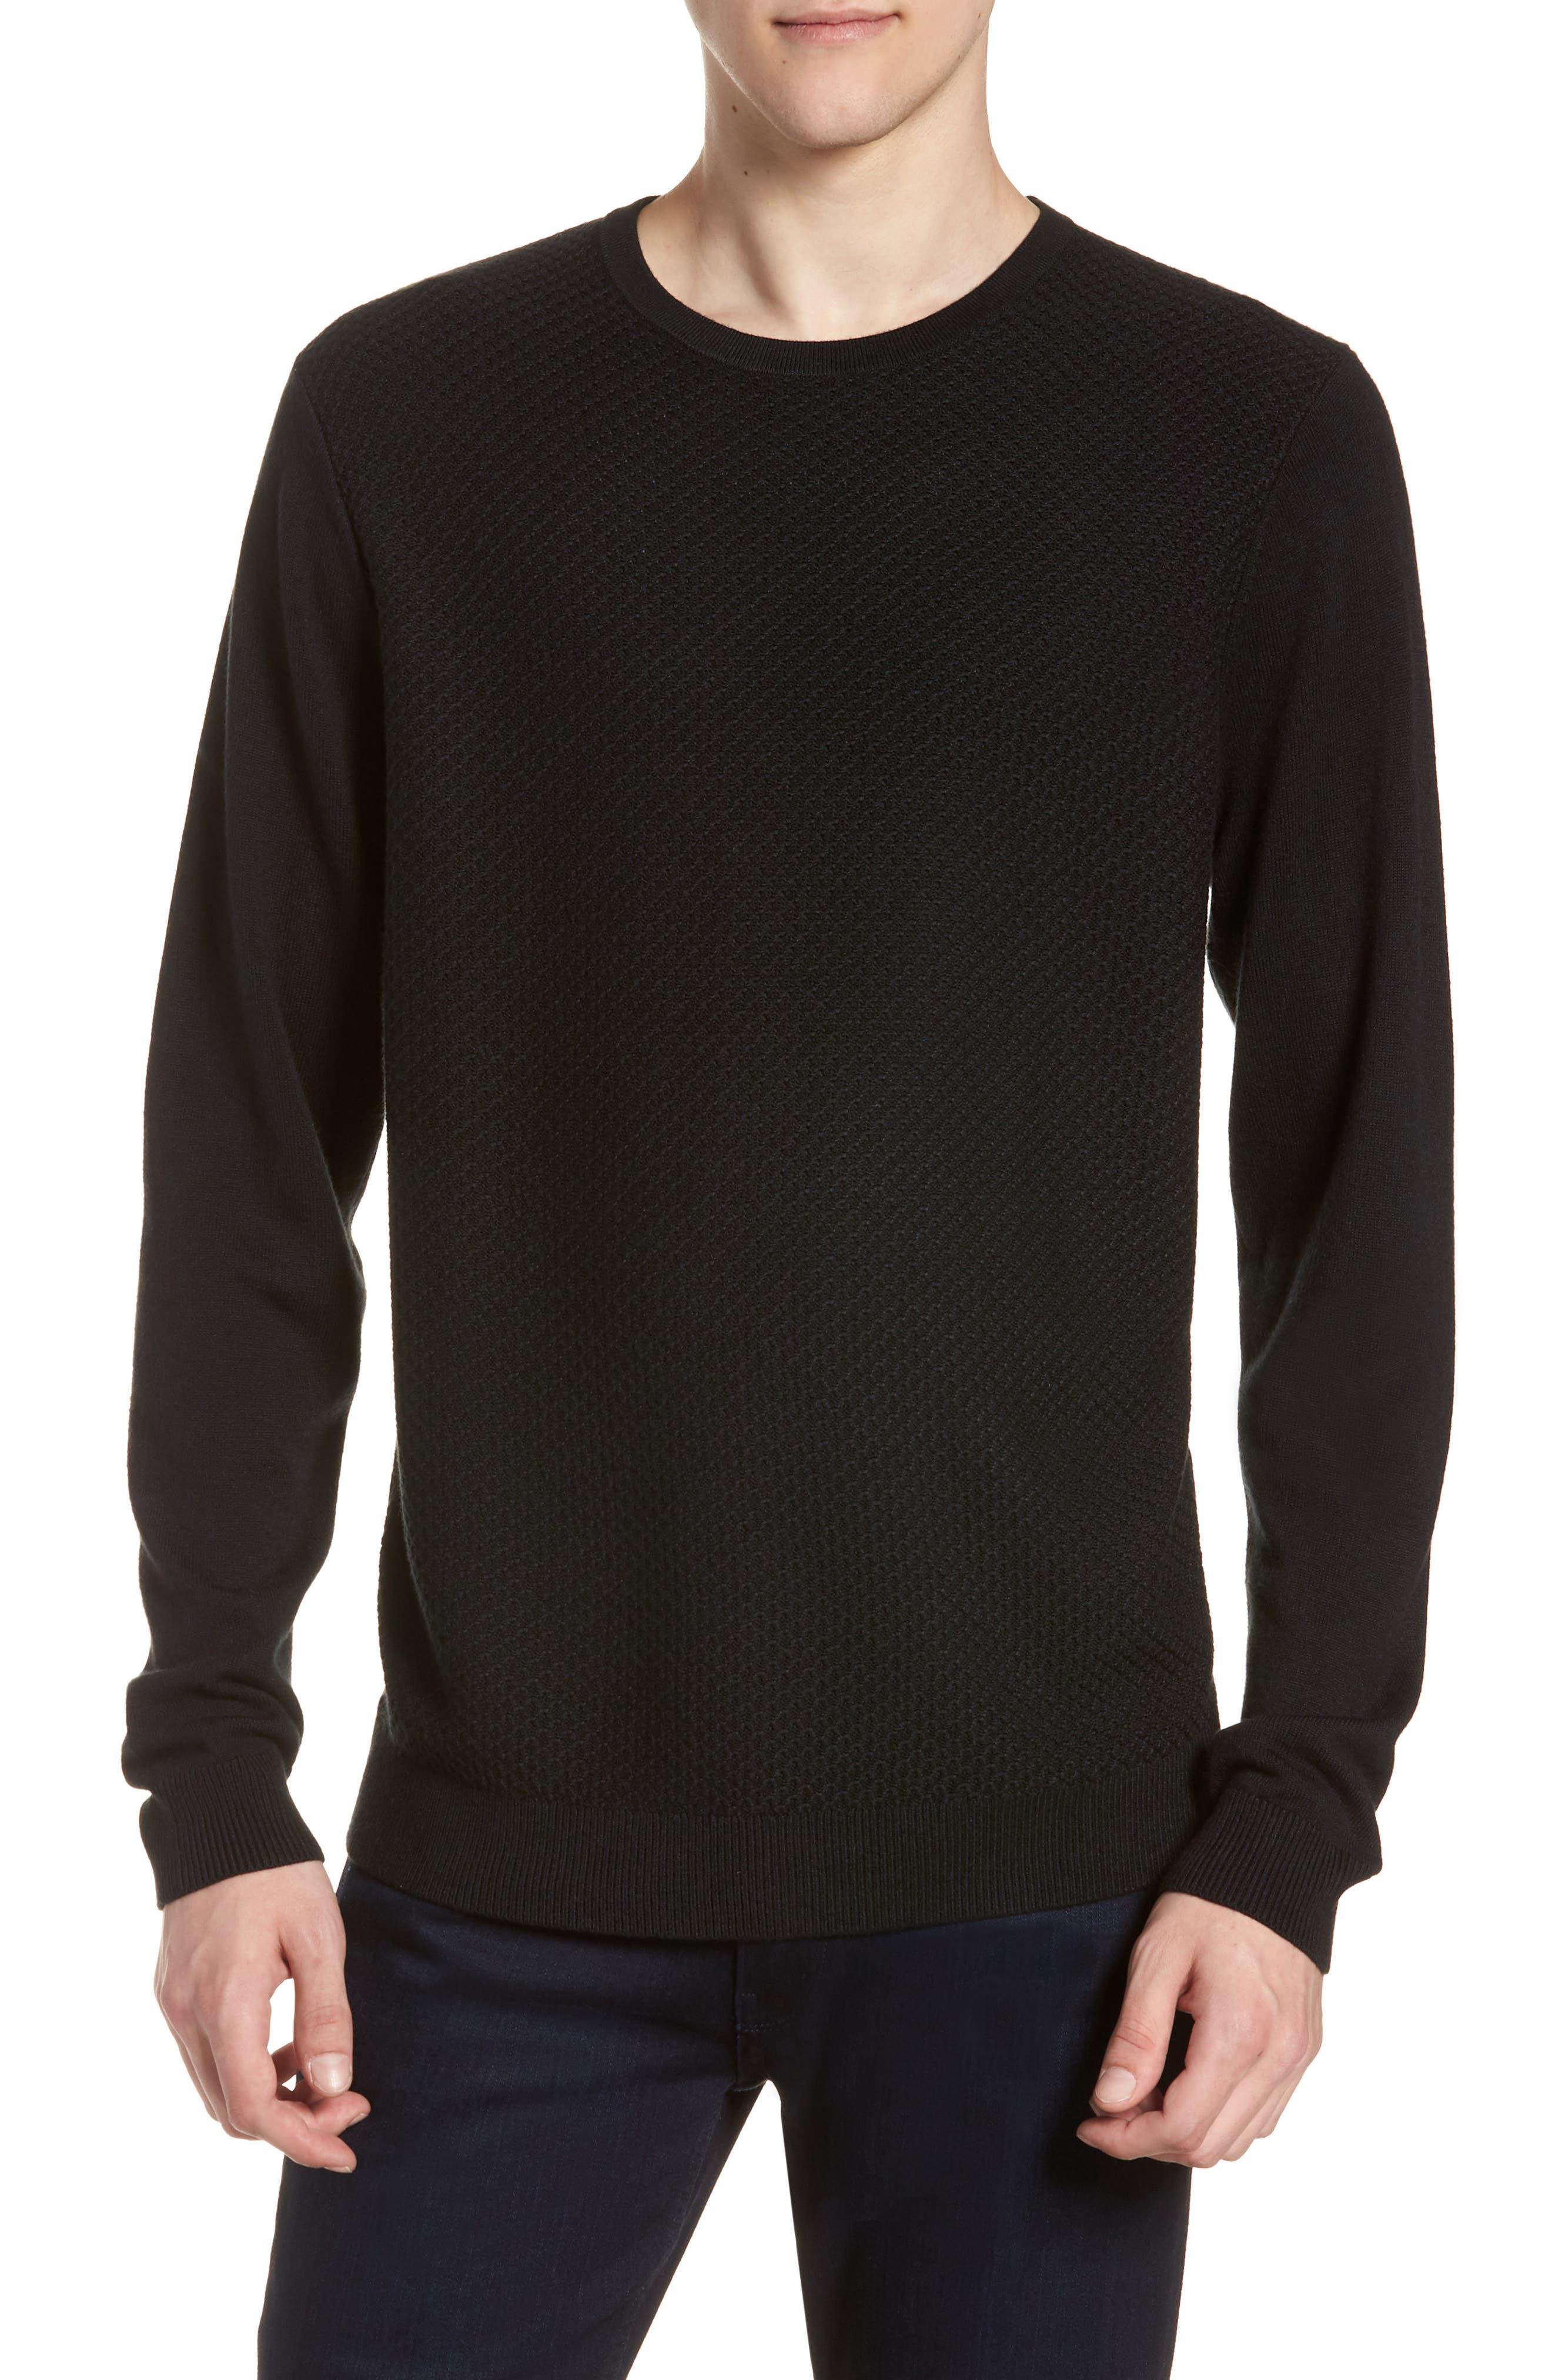 Honeycomb Crewneck Sweater, Main, color, 001